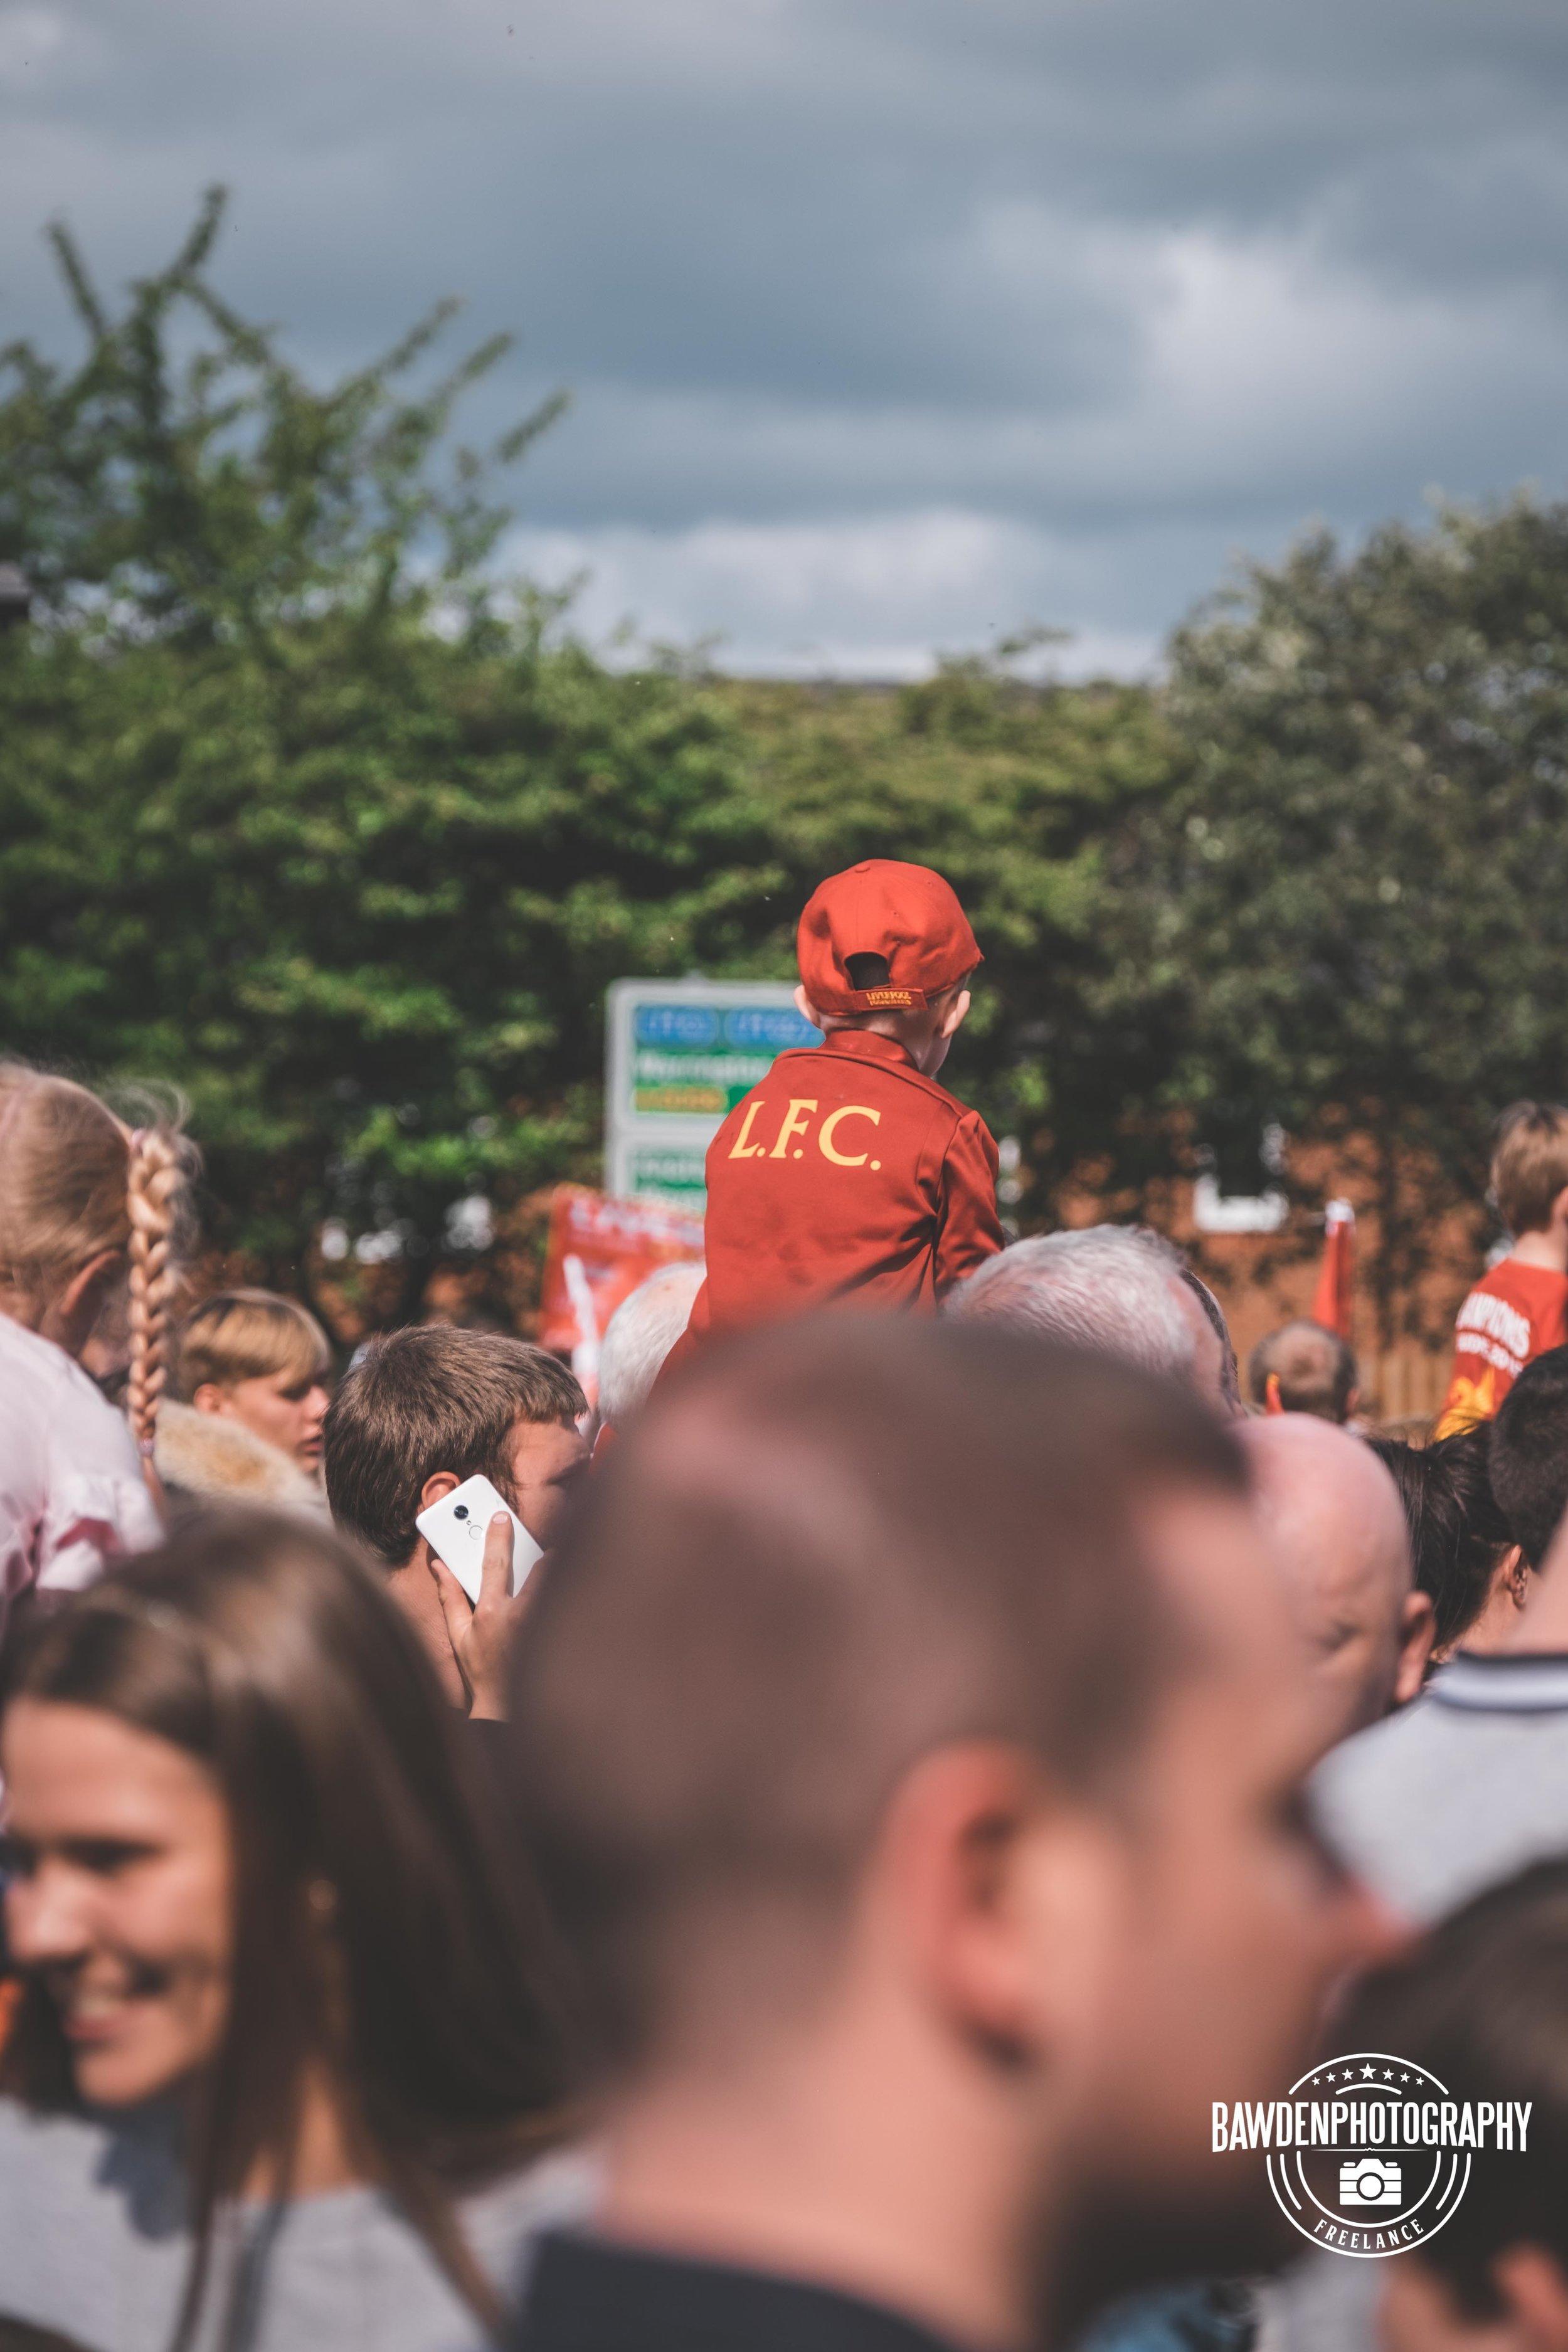 LFC-13.jpg